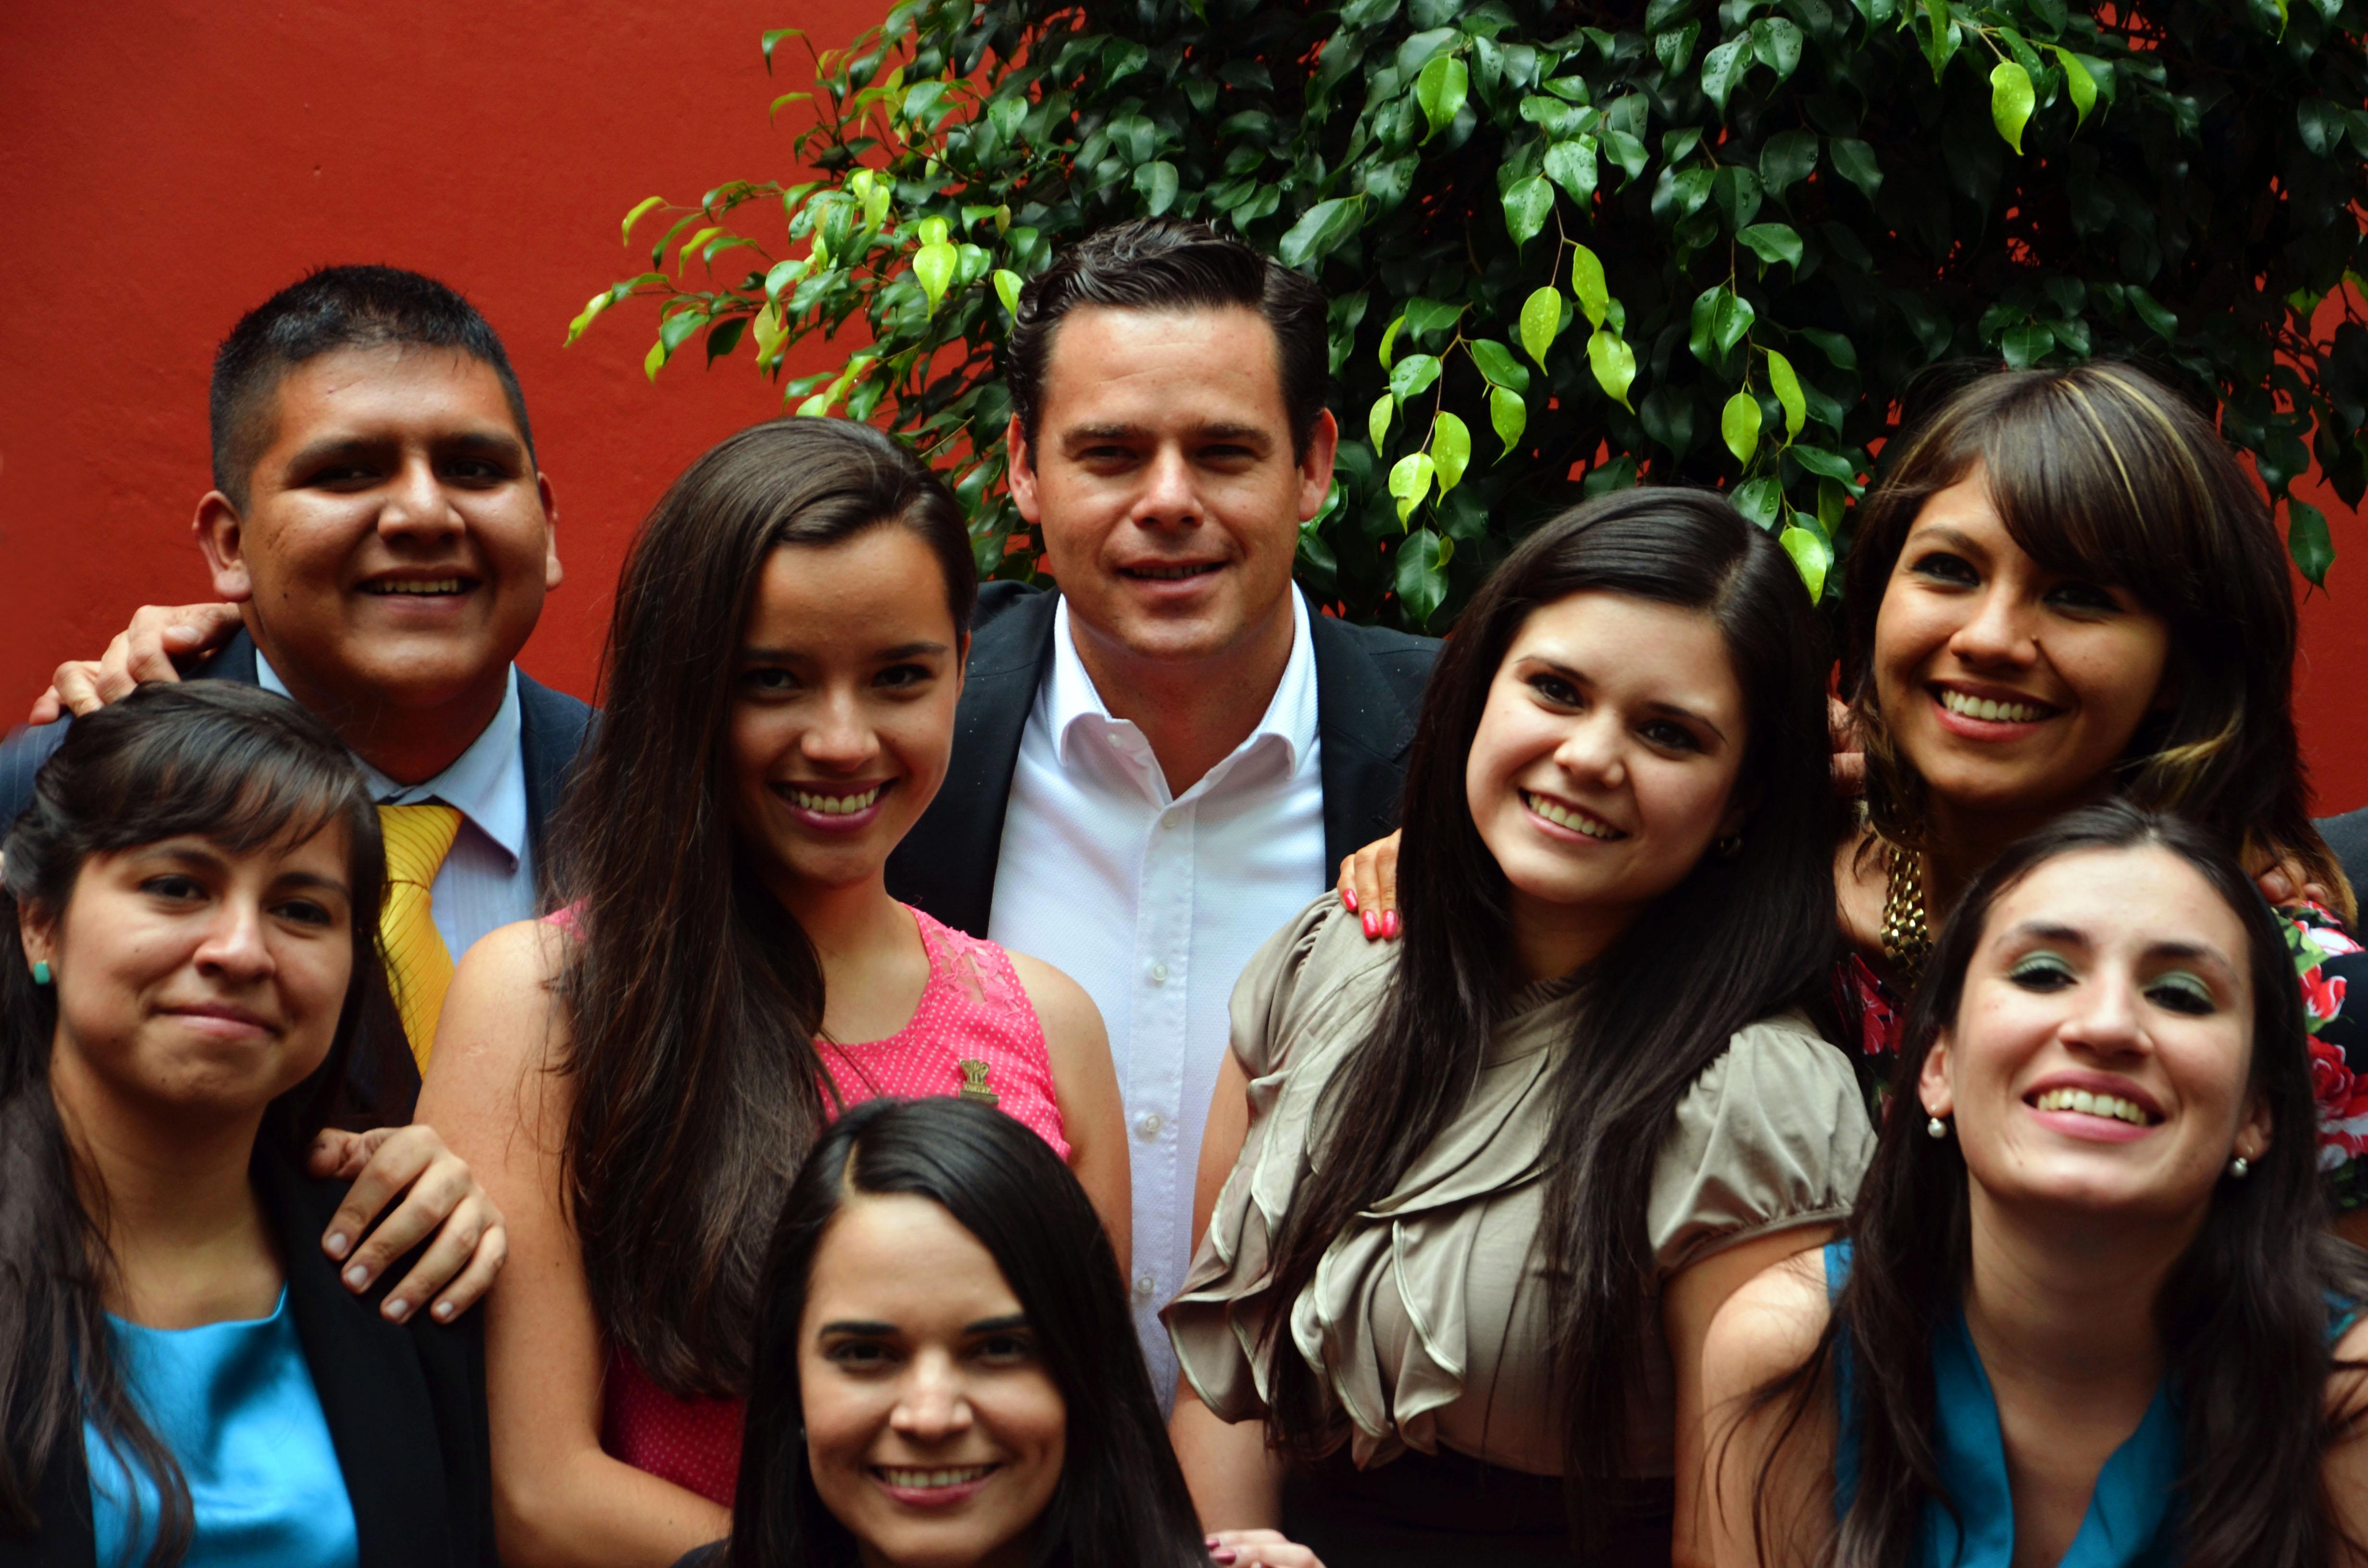 juventud mexicano